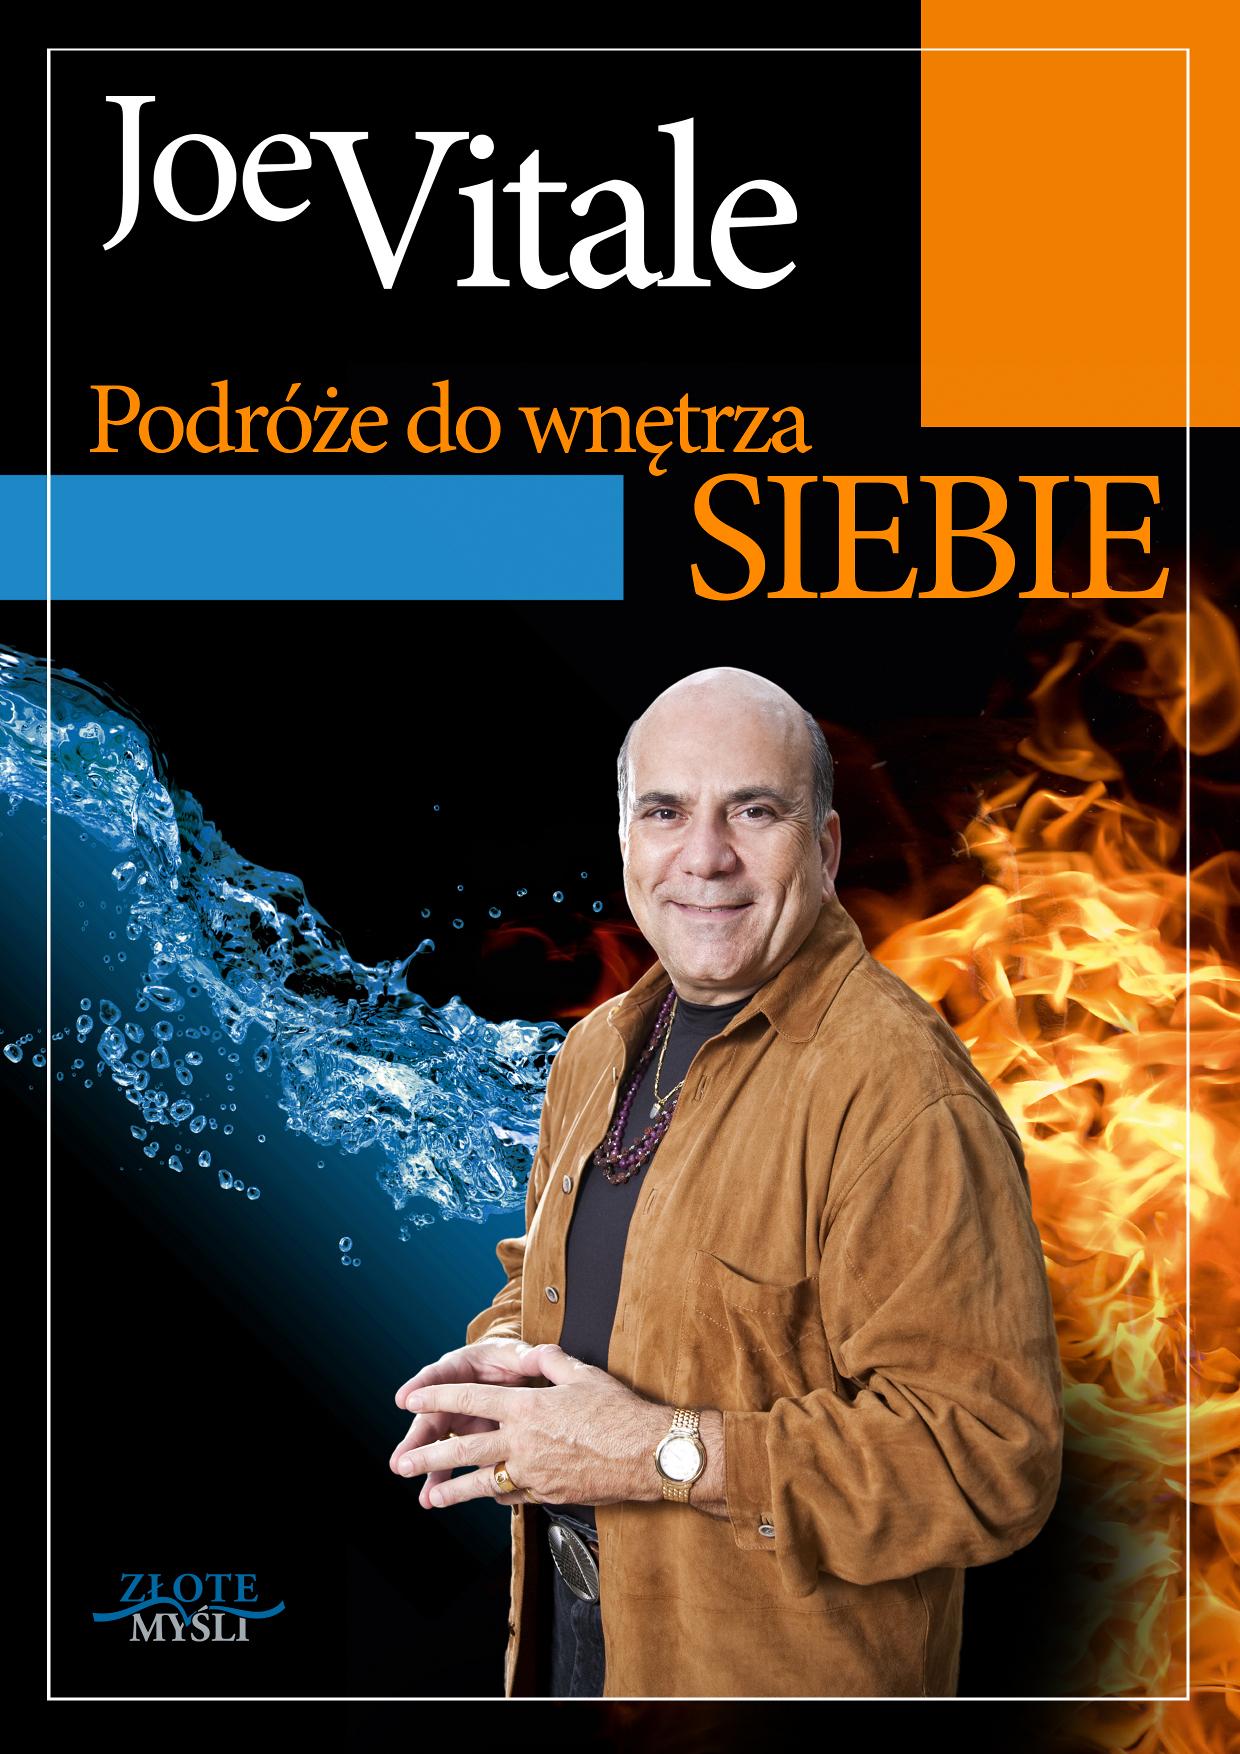 Joe Vitale: Podróże do wnętrza siebie - okładka